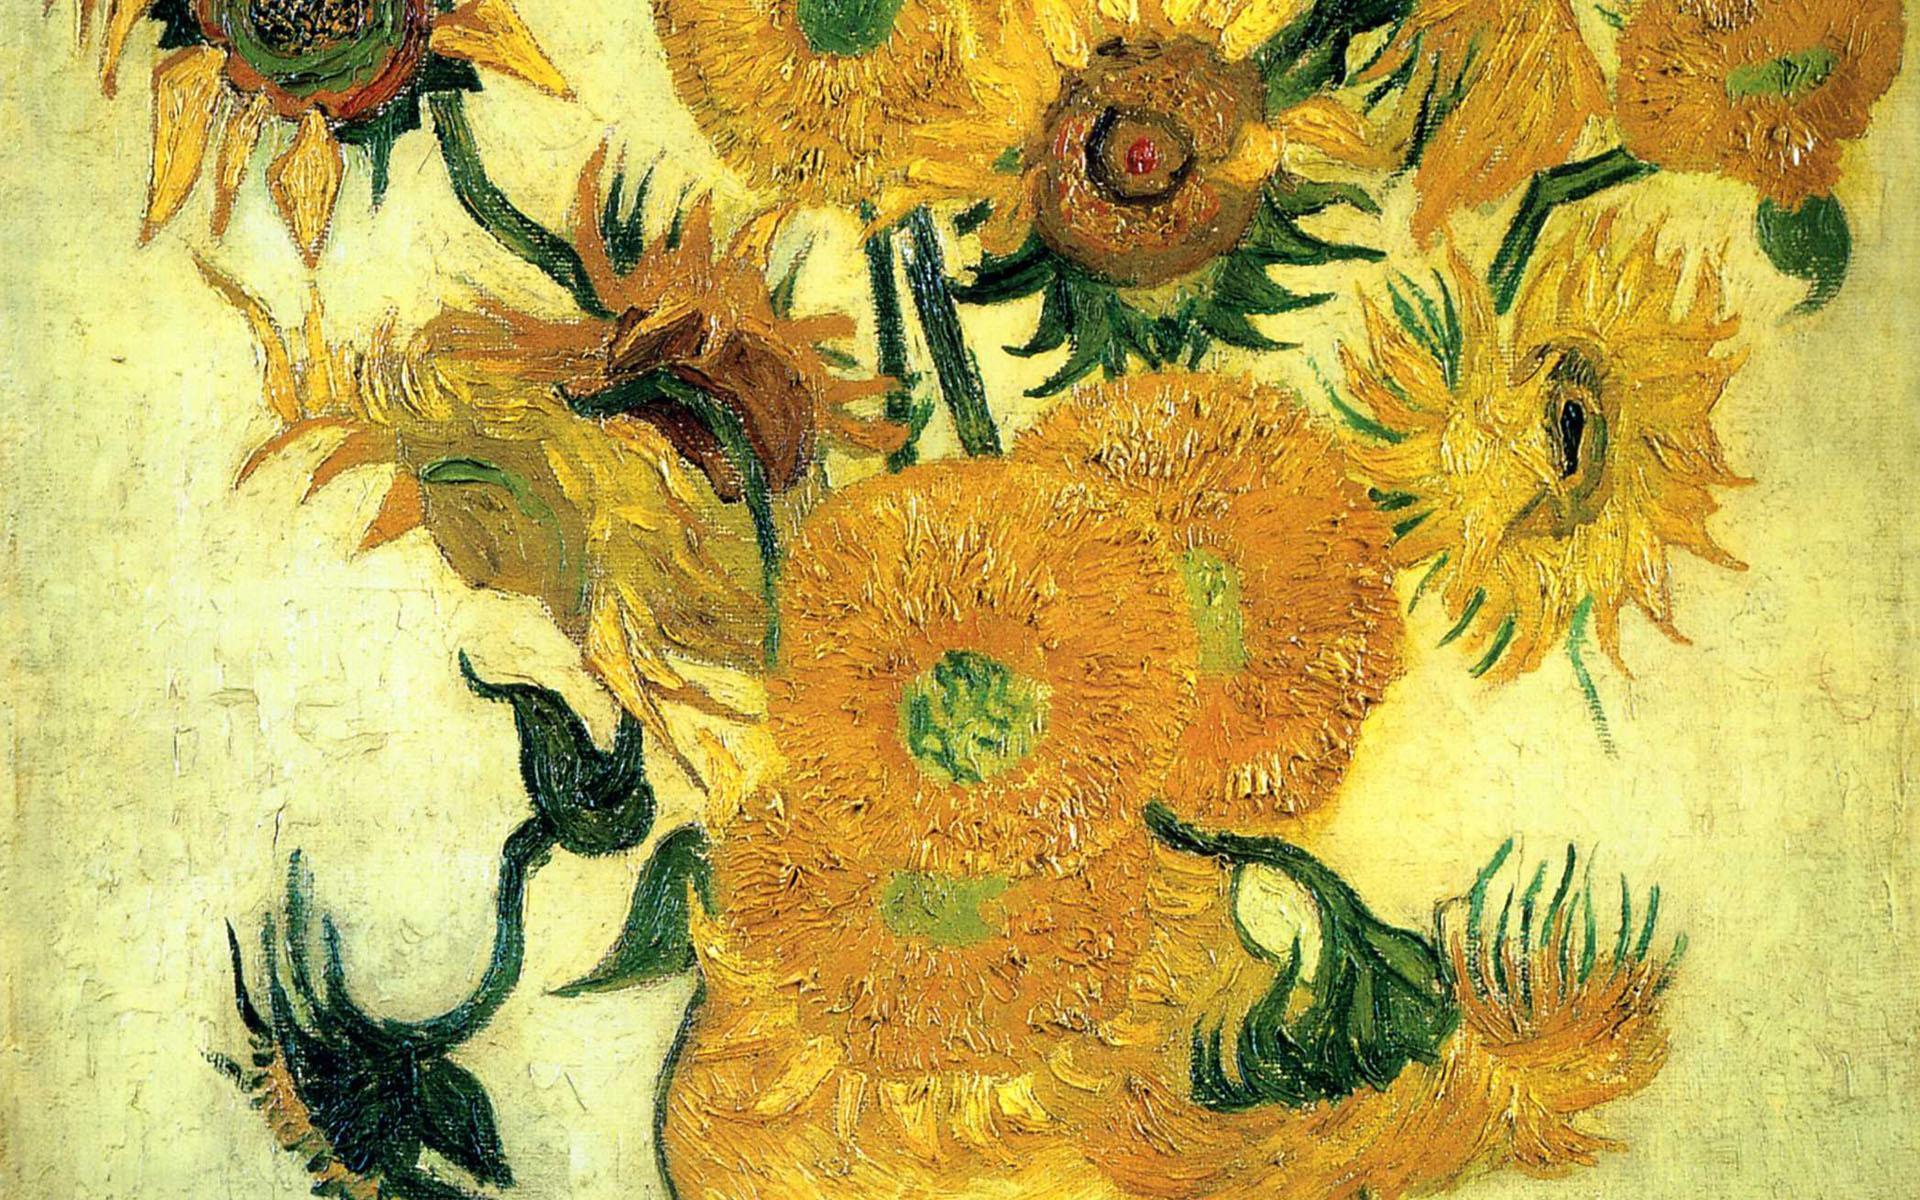 Vincent van gogh wallpapers wallpaper cave - Hd wallpaper van gogh ...